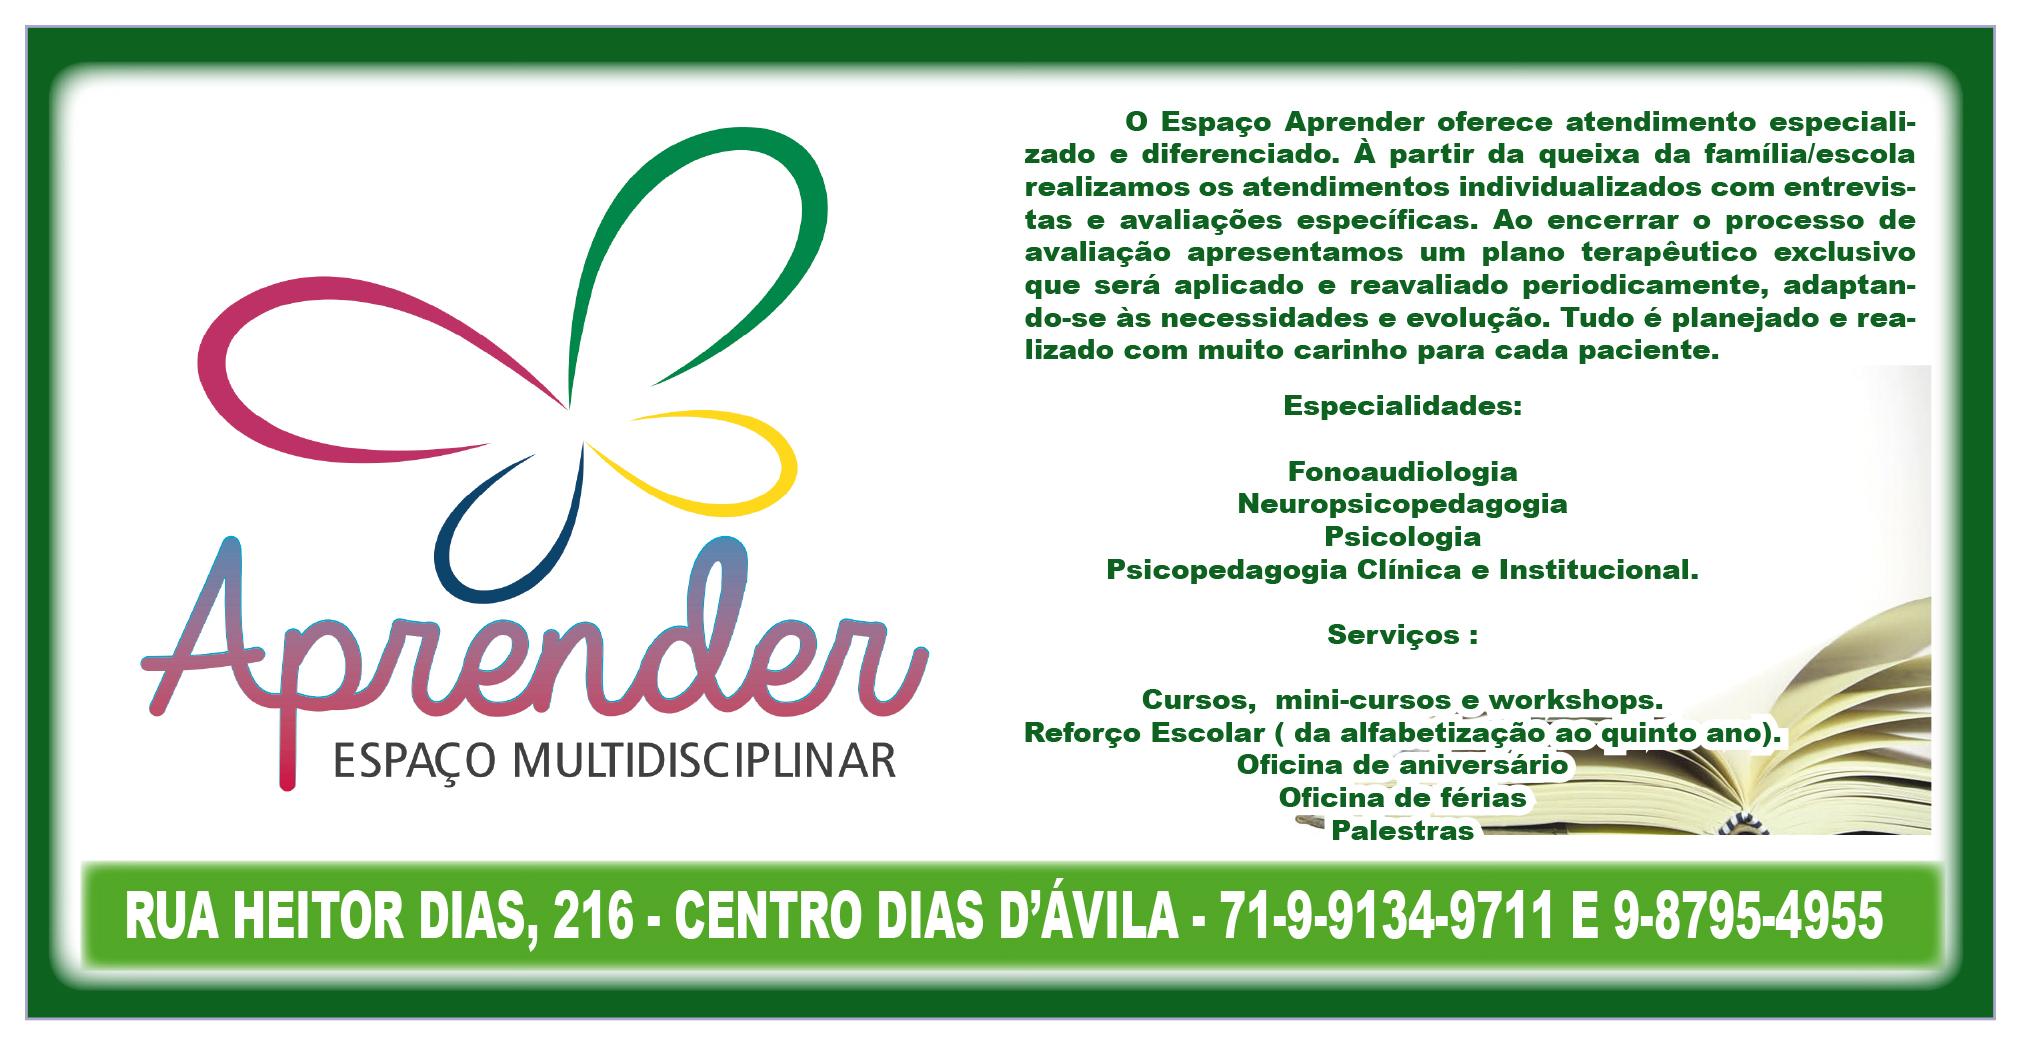 ESPAÇO MULTIDISCIPLINAR APRENDER